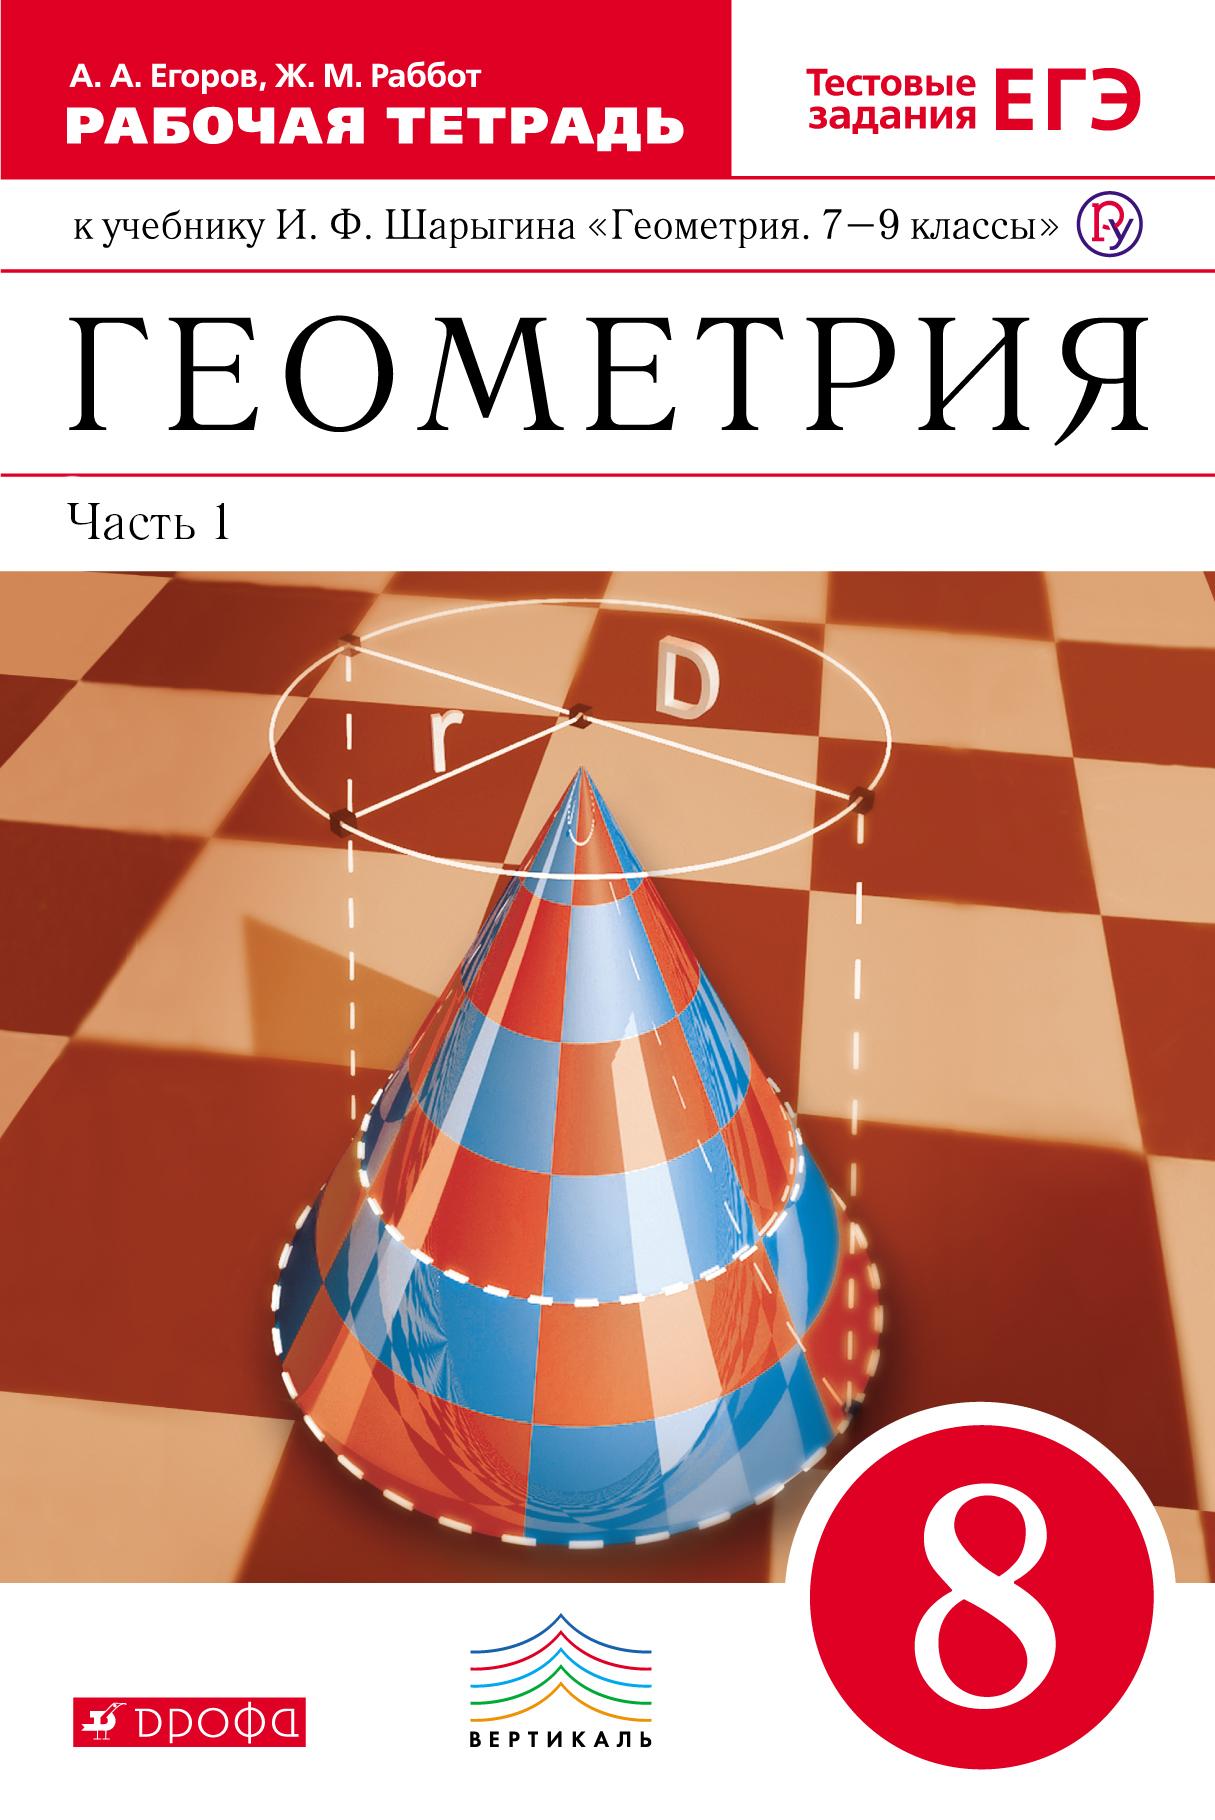 Геометрия. 8 класс. Рабочая тетрадь. Часть 1, Егоров А.А., Раббот Ж.М., Шарыгин И.Ф., ISBN 9785358166332, «Дрофа», «Вентана-граф» и «Астрель», 2016, УМК Шарыгина. Геометрия (7-9) , 978-5-3581-6633-2, 978-5-358-16633-2, 978-5-35-816633-2 - купить со скидкой